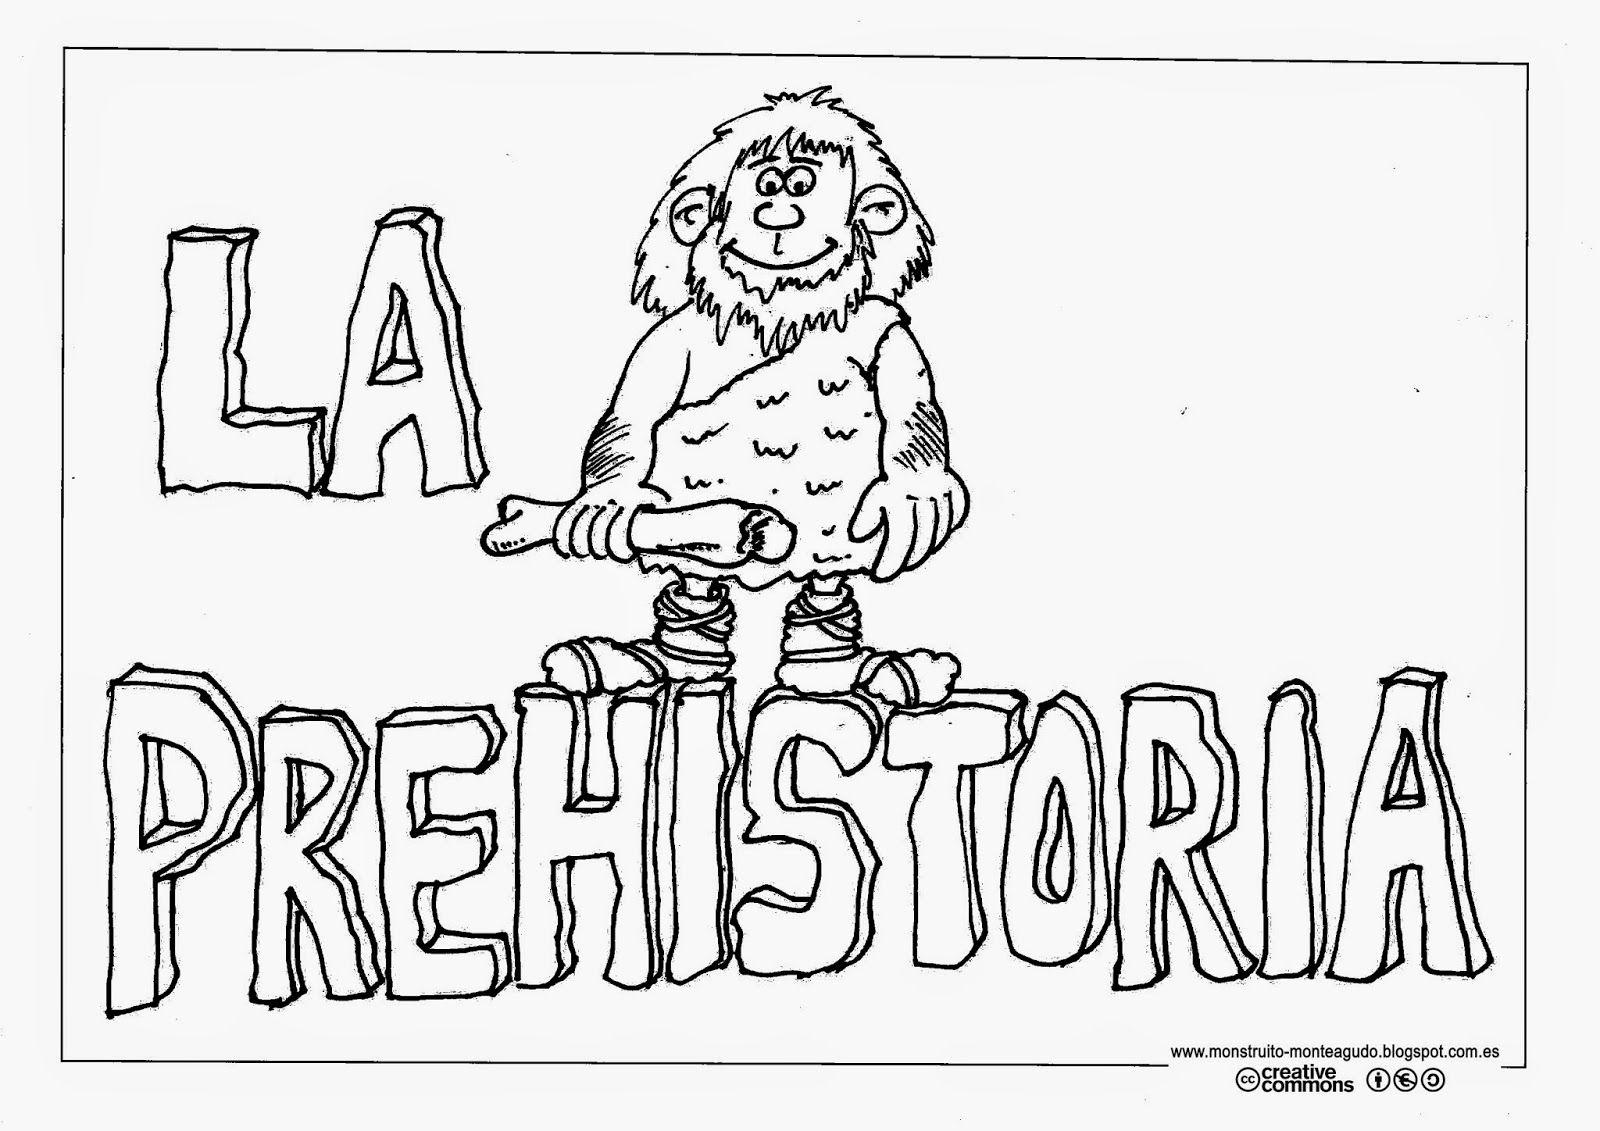 El Monstruito En Monteagudo La Prehistoria I Portada Y Evolución Prehistoria Prehistoria Primaria La Prehistoria Para Niños